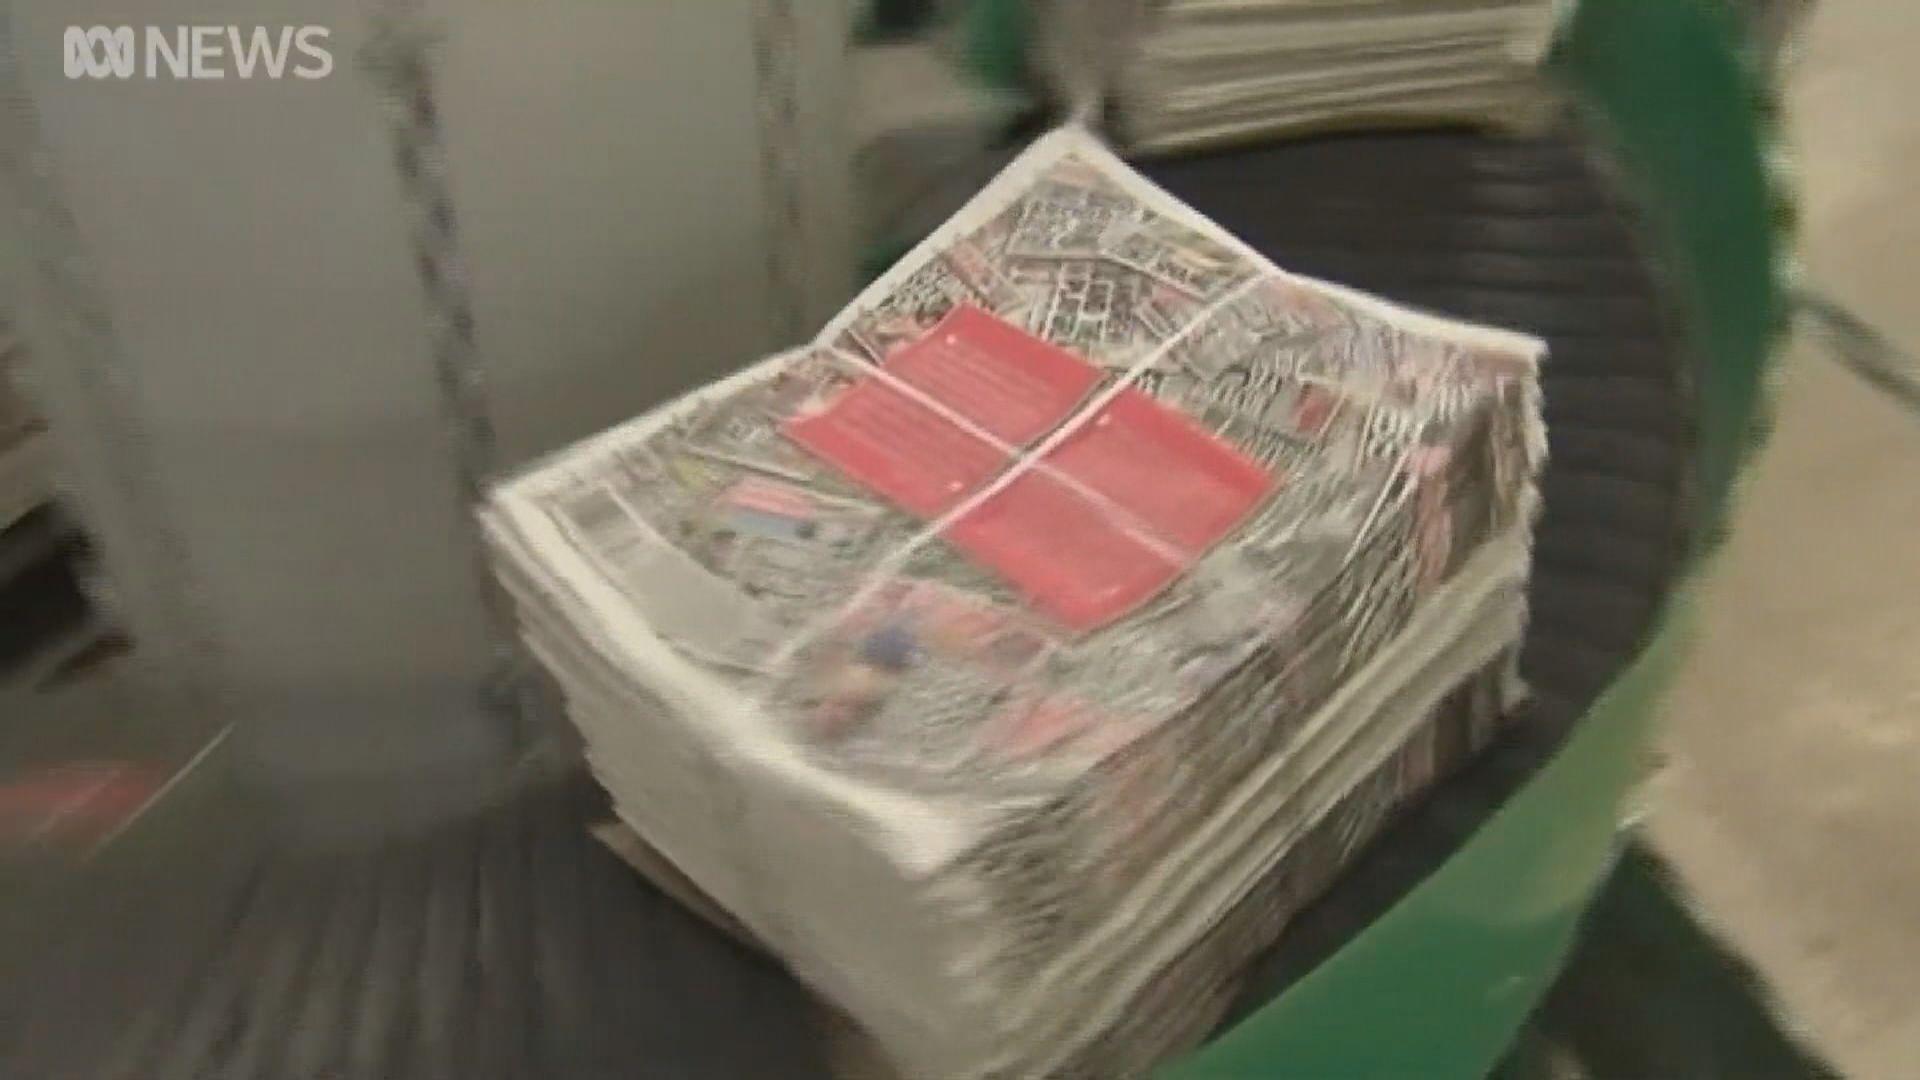 澳洲國會通過法案 強制科企就新聞內容繳費